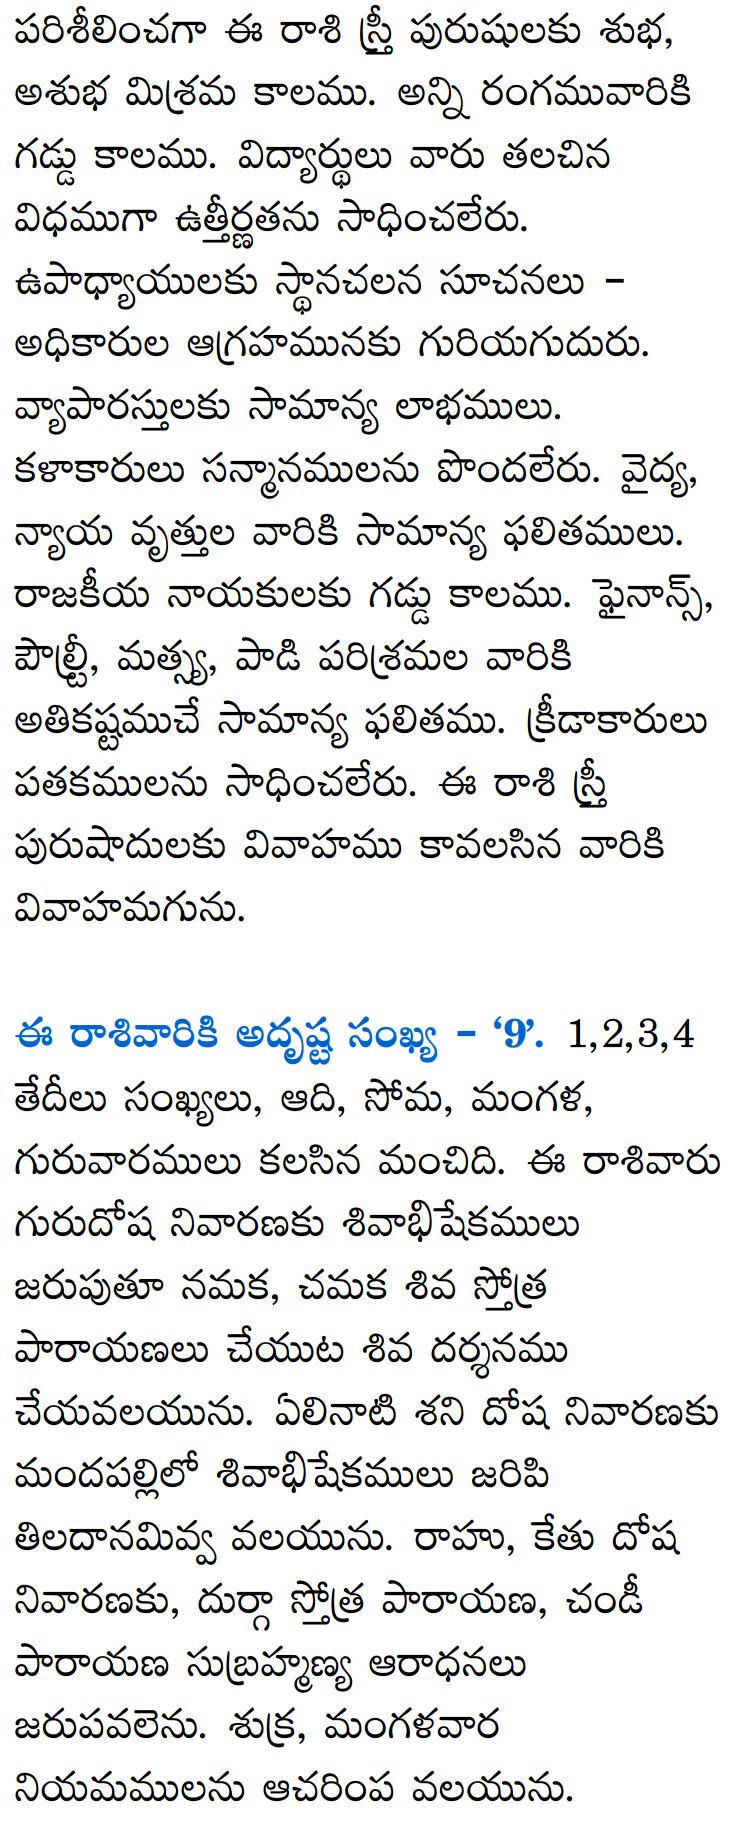 Vruschika Rasi 2018-2019 Yearly in Telugu